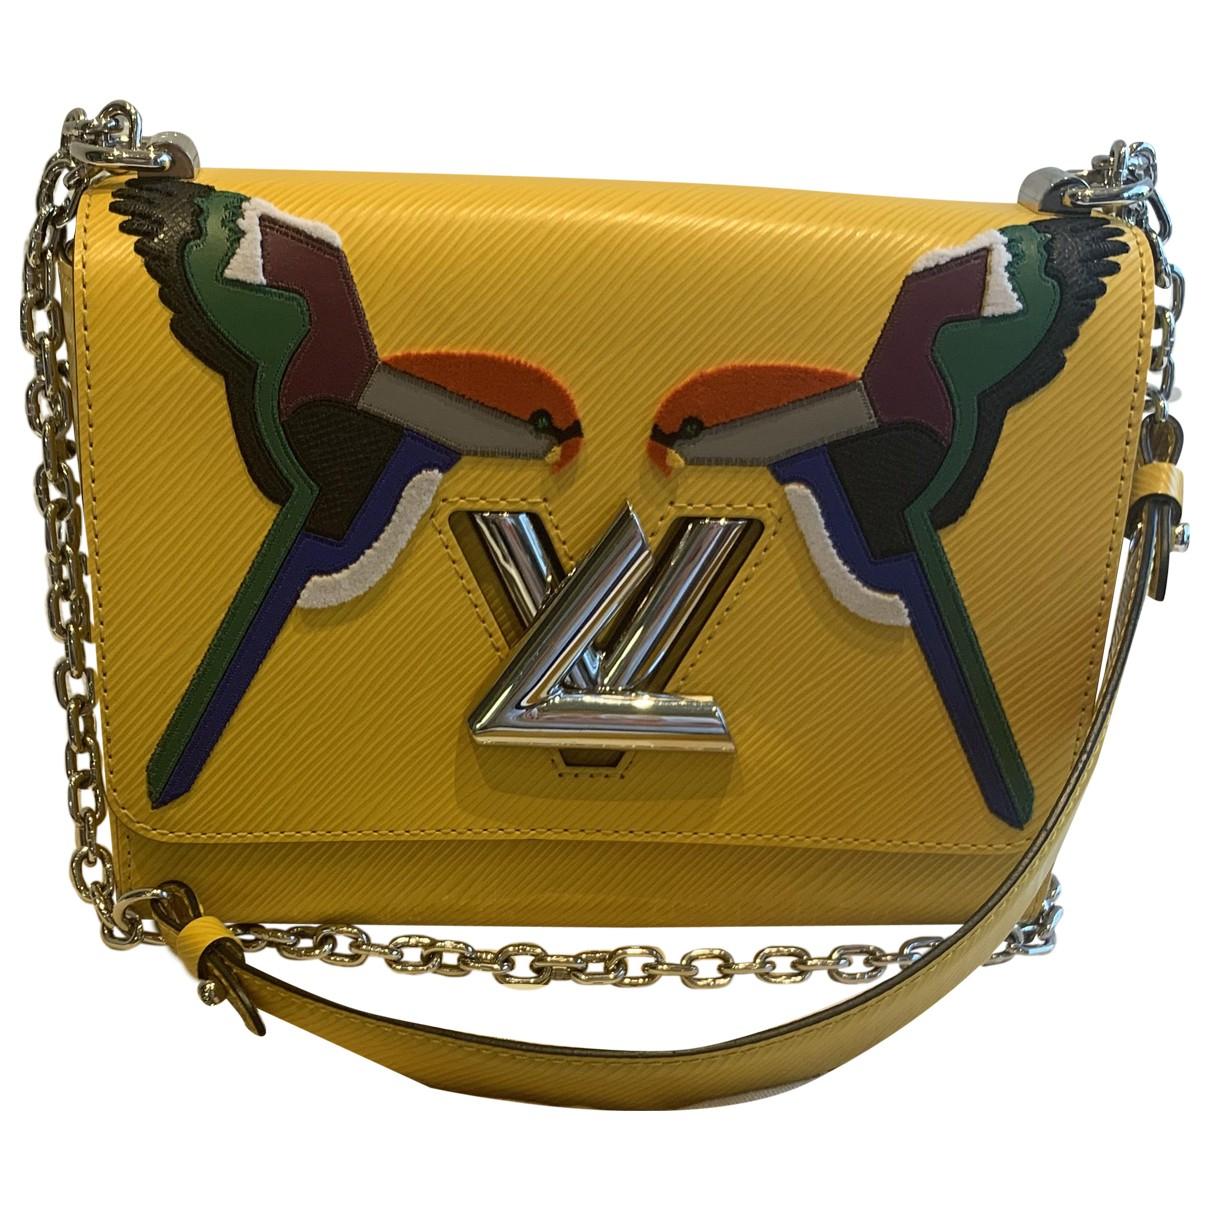 Louis Vuitton Twist Handtasche in  Gelb Leder